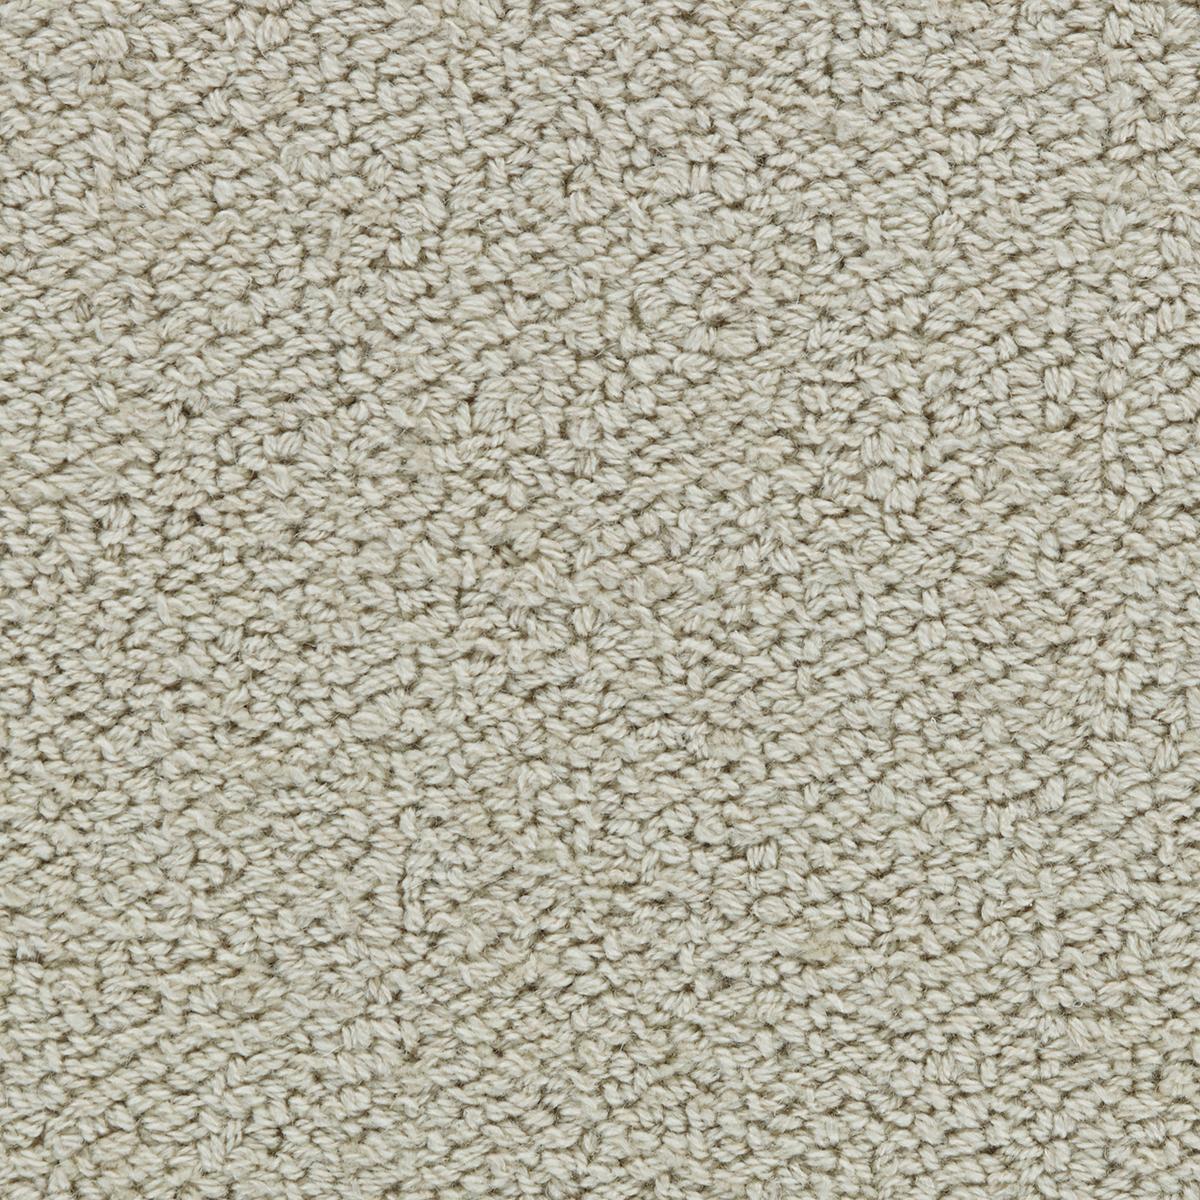 norfolk-tweed-ivory